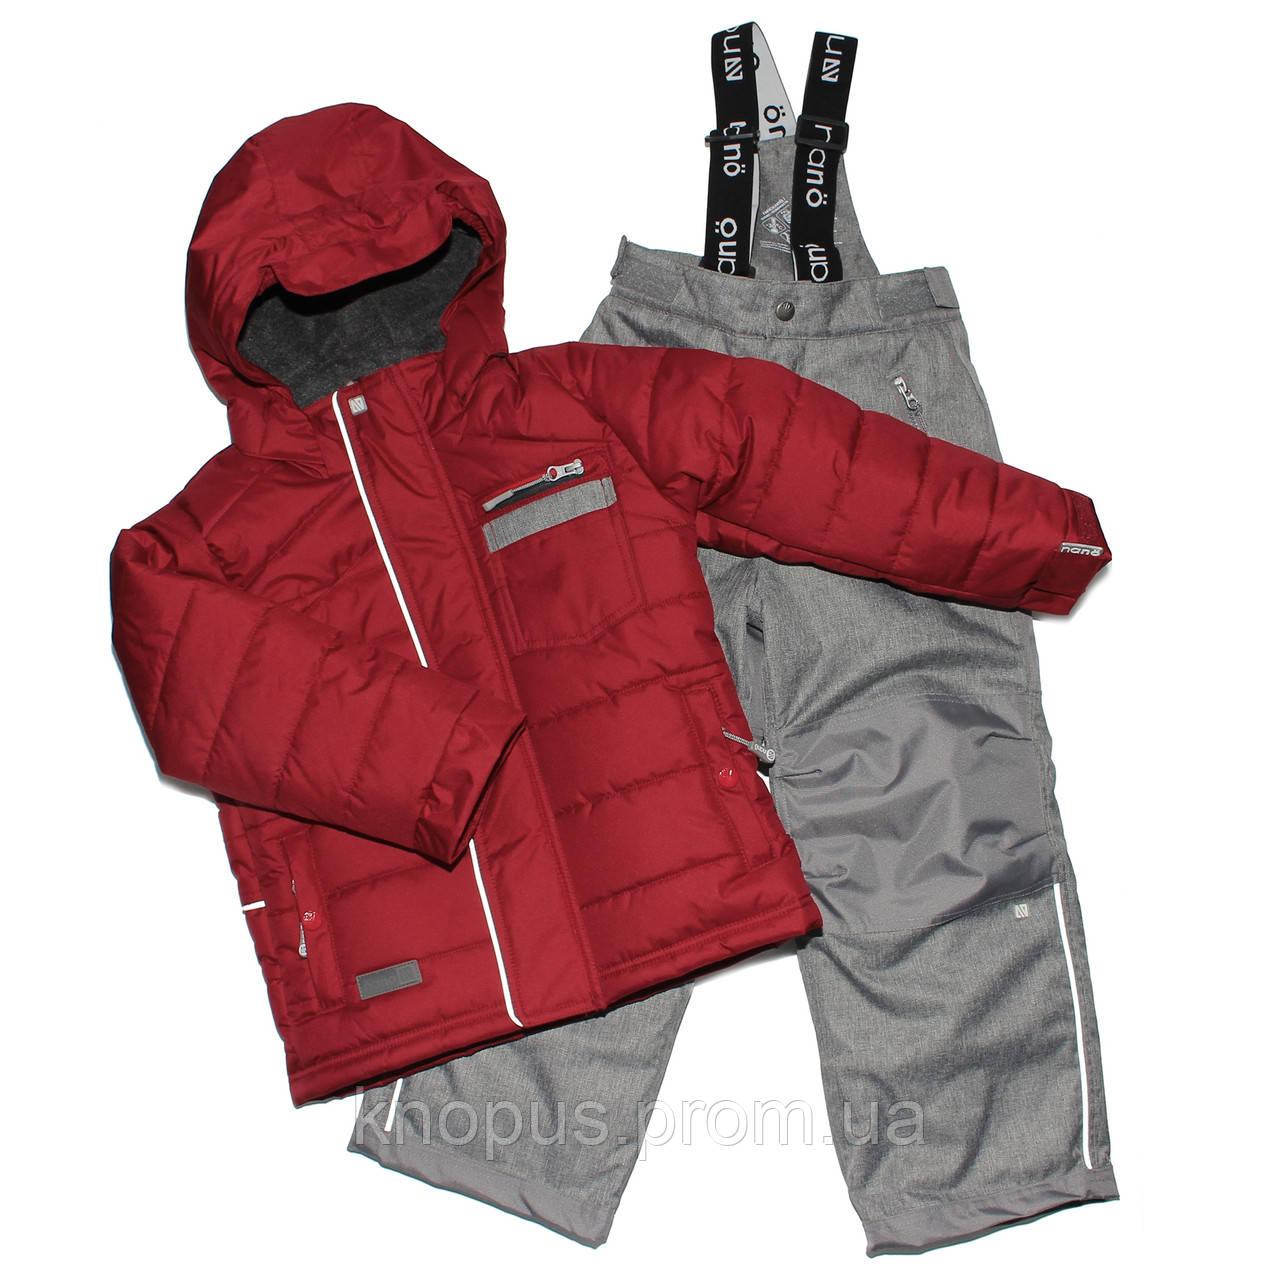 Зимний термокомплект для мальчика Spicy Red Pepper / Md Grey Mix,  NANO, размеры 86-146, на рост 85-150 см